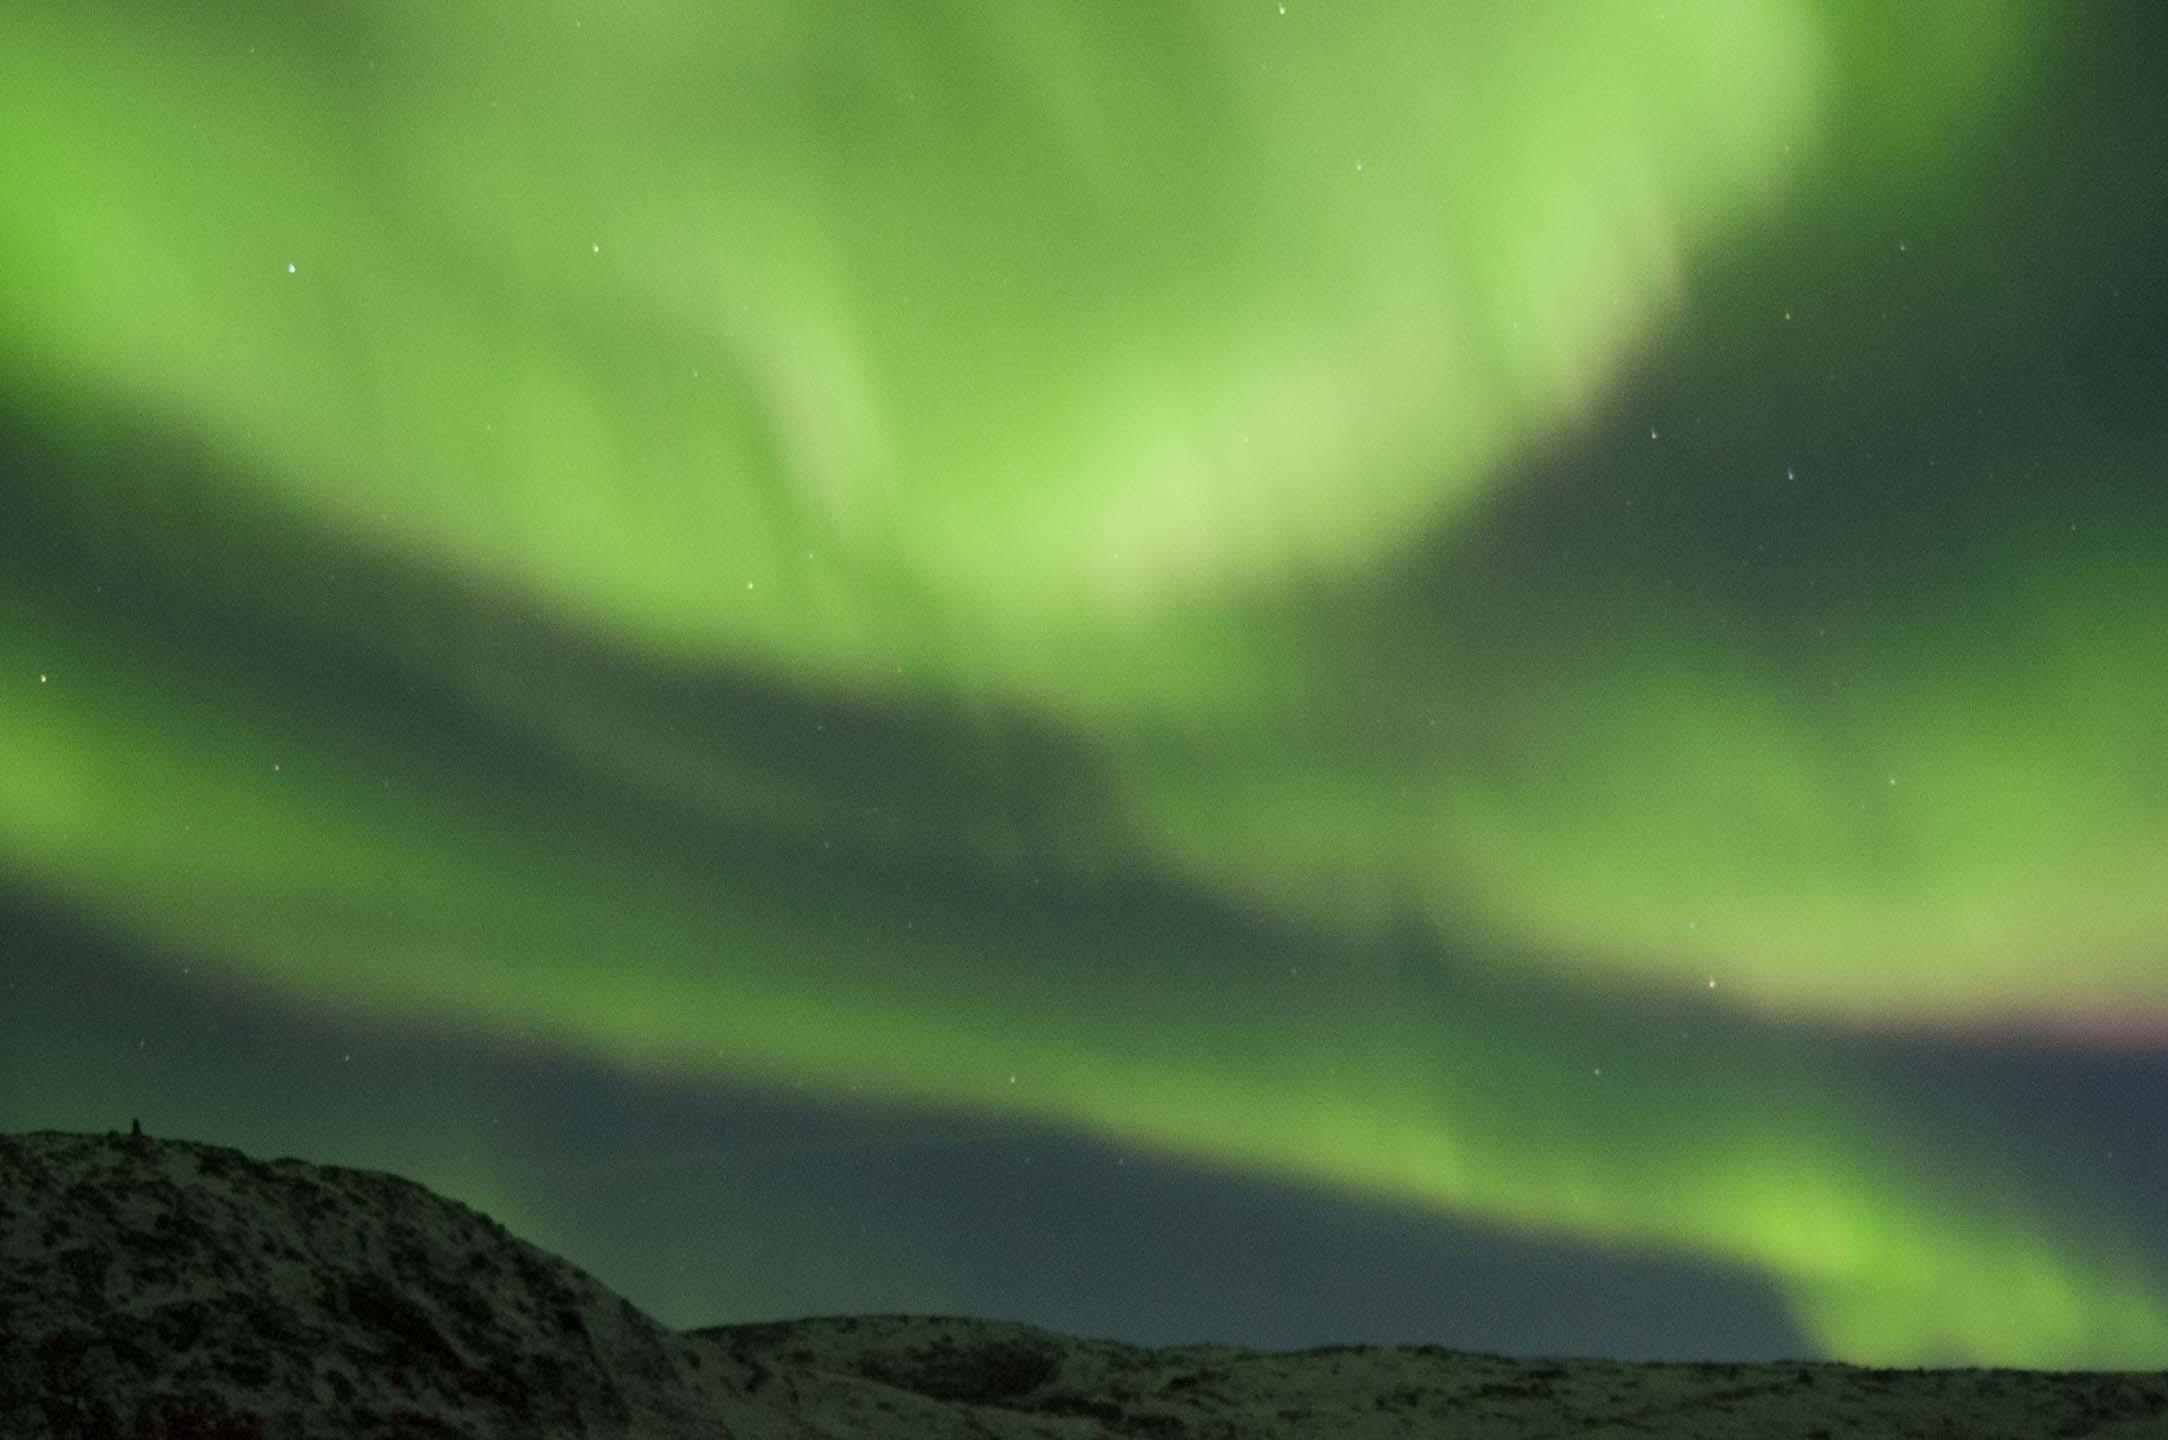 Unternehmen Sie mit Arctic Safari eine einzigartige Jagd mitautoundyachtauf das magische Nordlicht Aurora borealis.